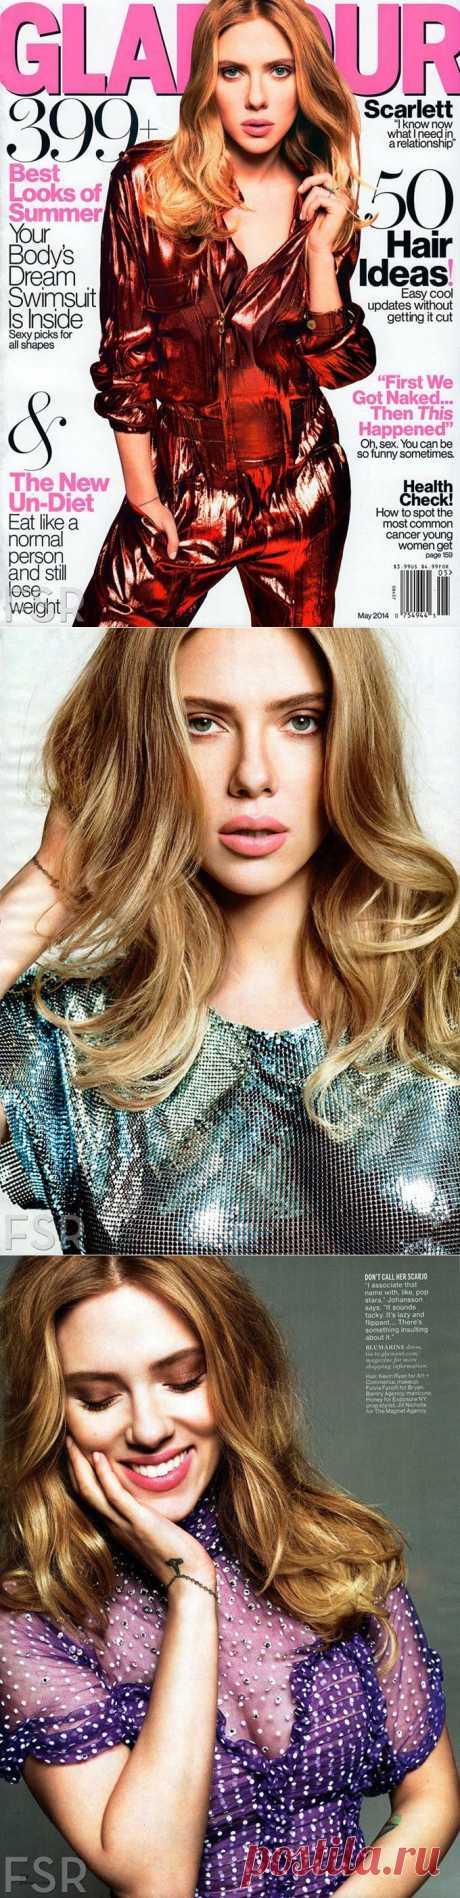 Скарлетт Йоханссон в Glamour US (Интернет-журнал ETODAY) a4b082742ca